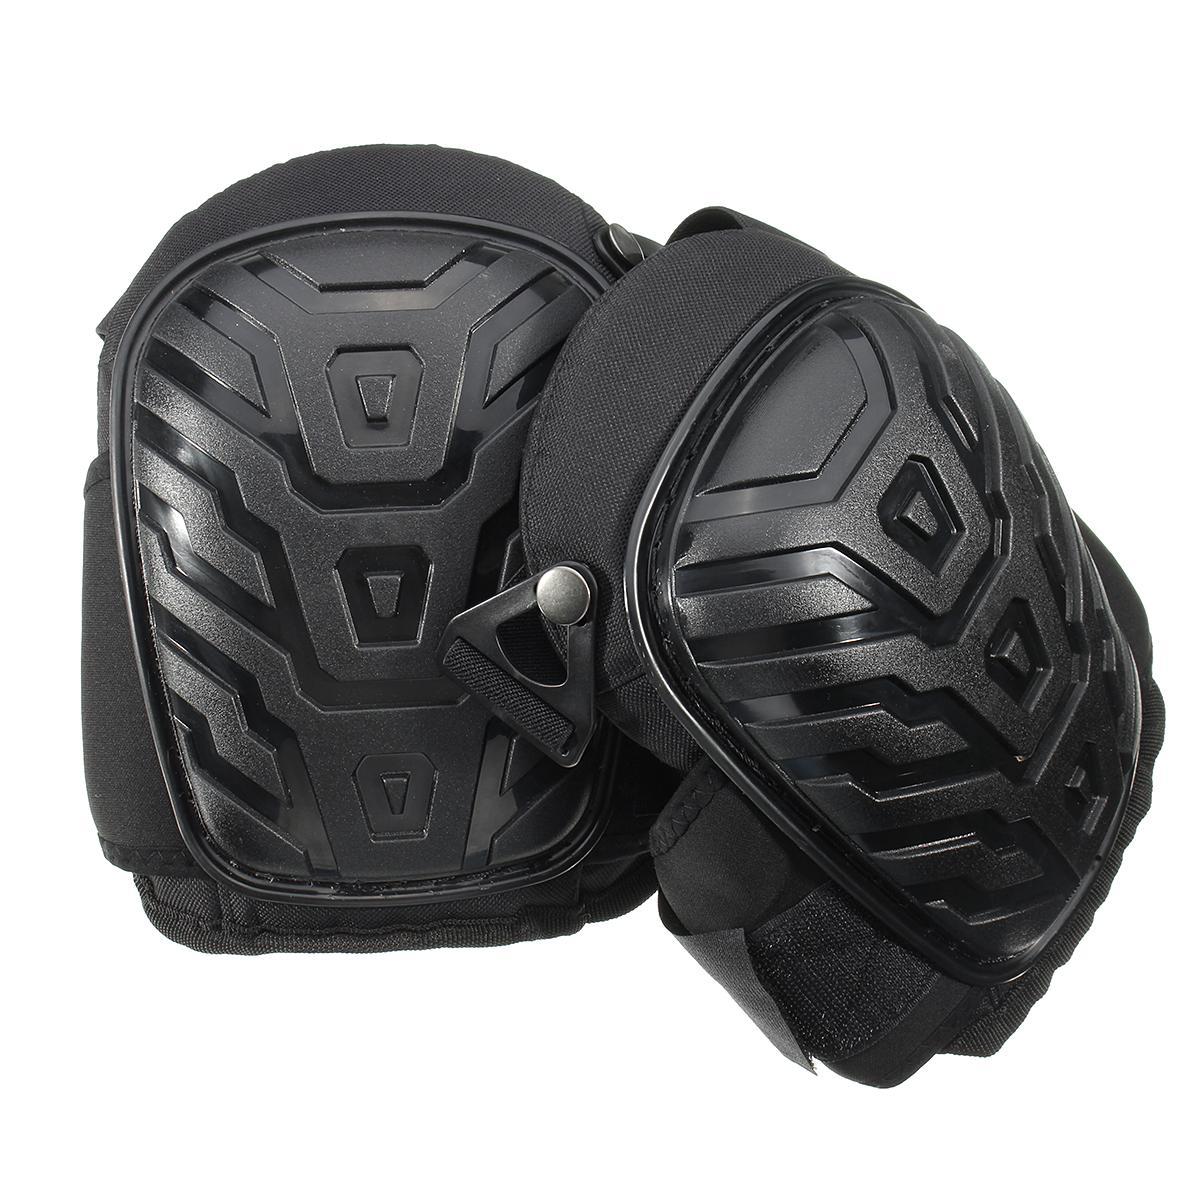 NEUE Safurance Set von 2 Knieschützer Bau Paar Comfort Leg Foam Protektoren Arbeitssicherheit Selbst Schutz